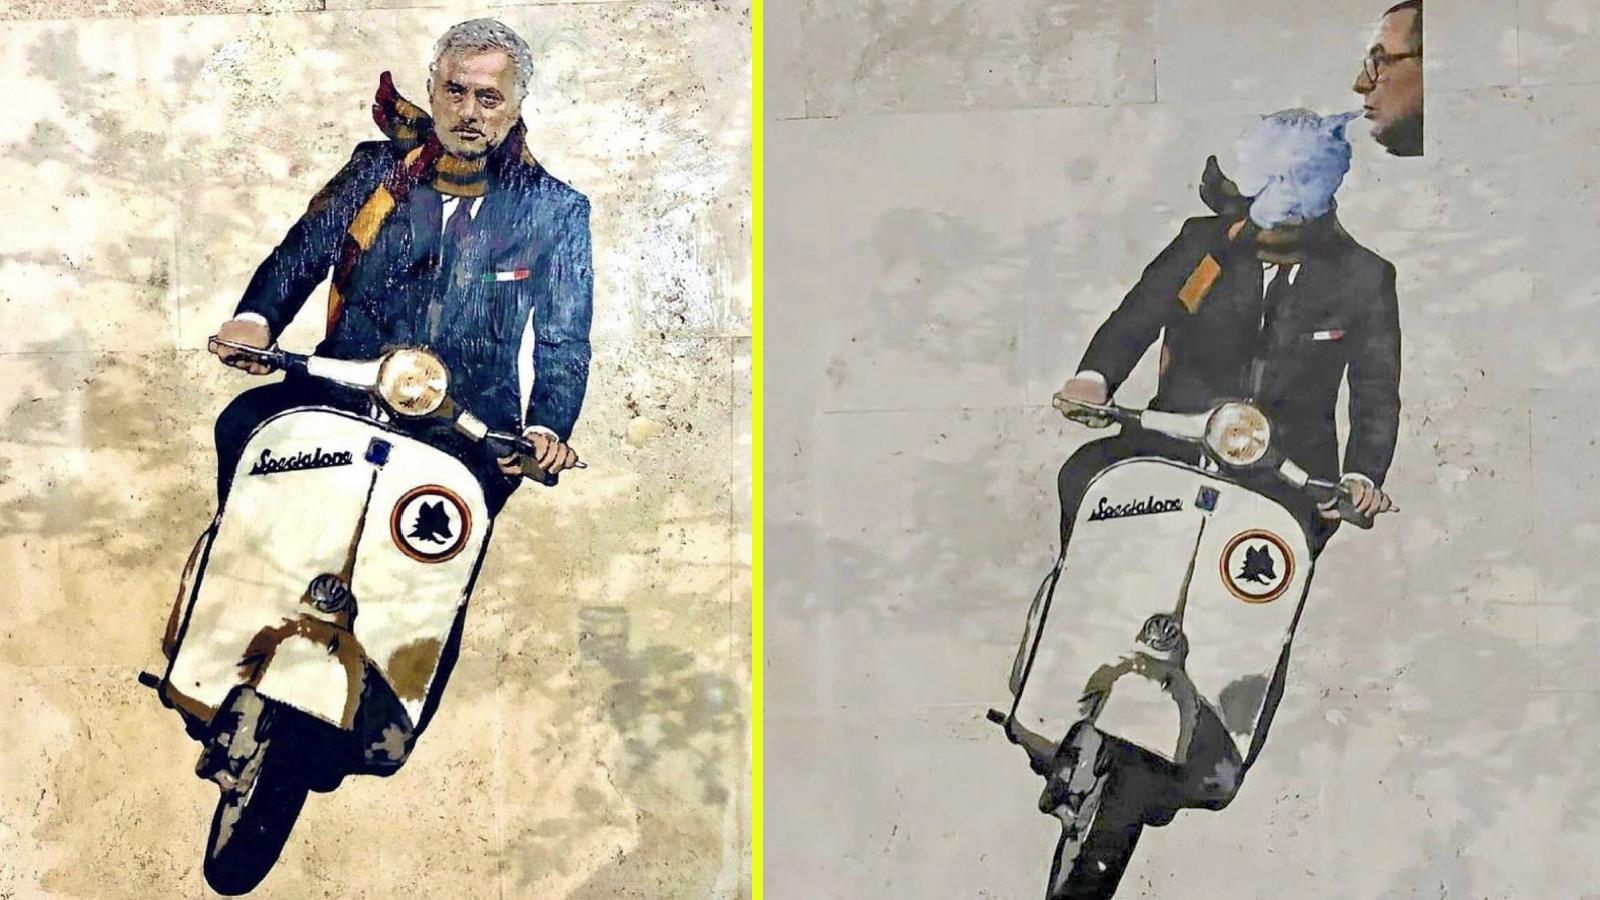 Bức tranh vẽ Mourinho ở Rome bị CĐV của Lazio bôi nhọ bằng cách che đầu Mourinho trong khói thuốc của Sarri